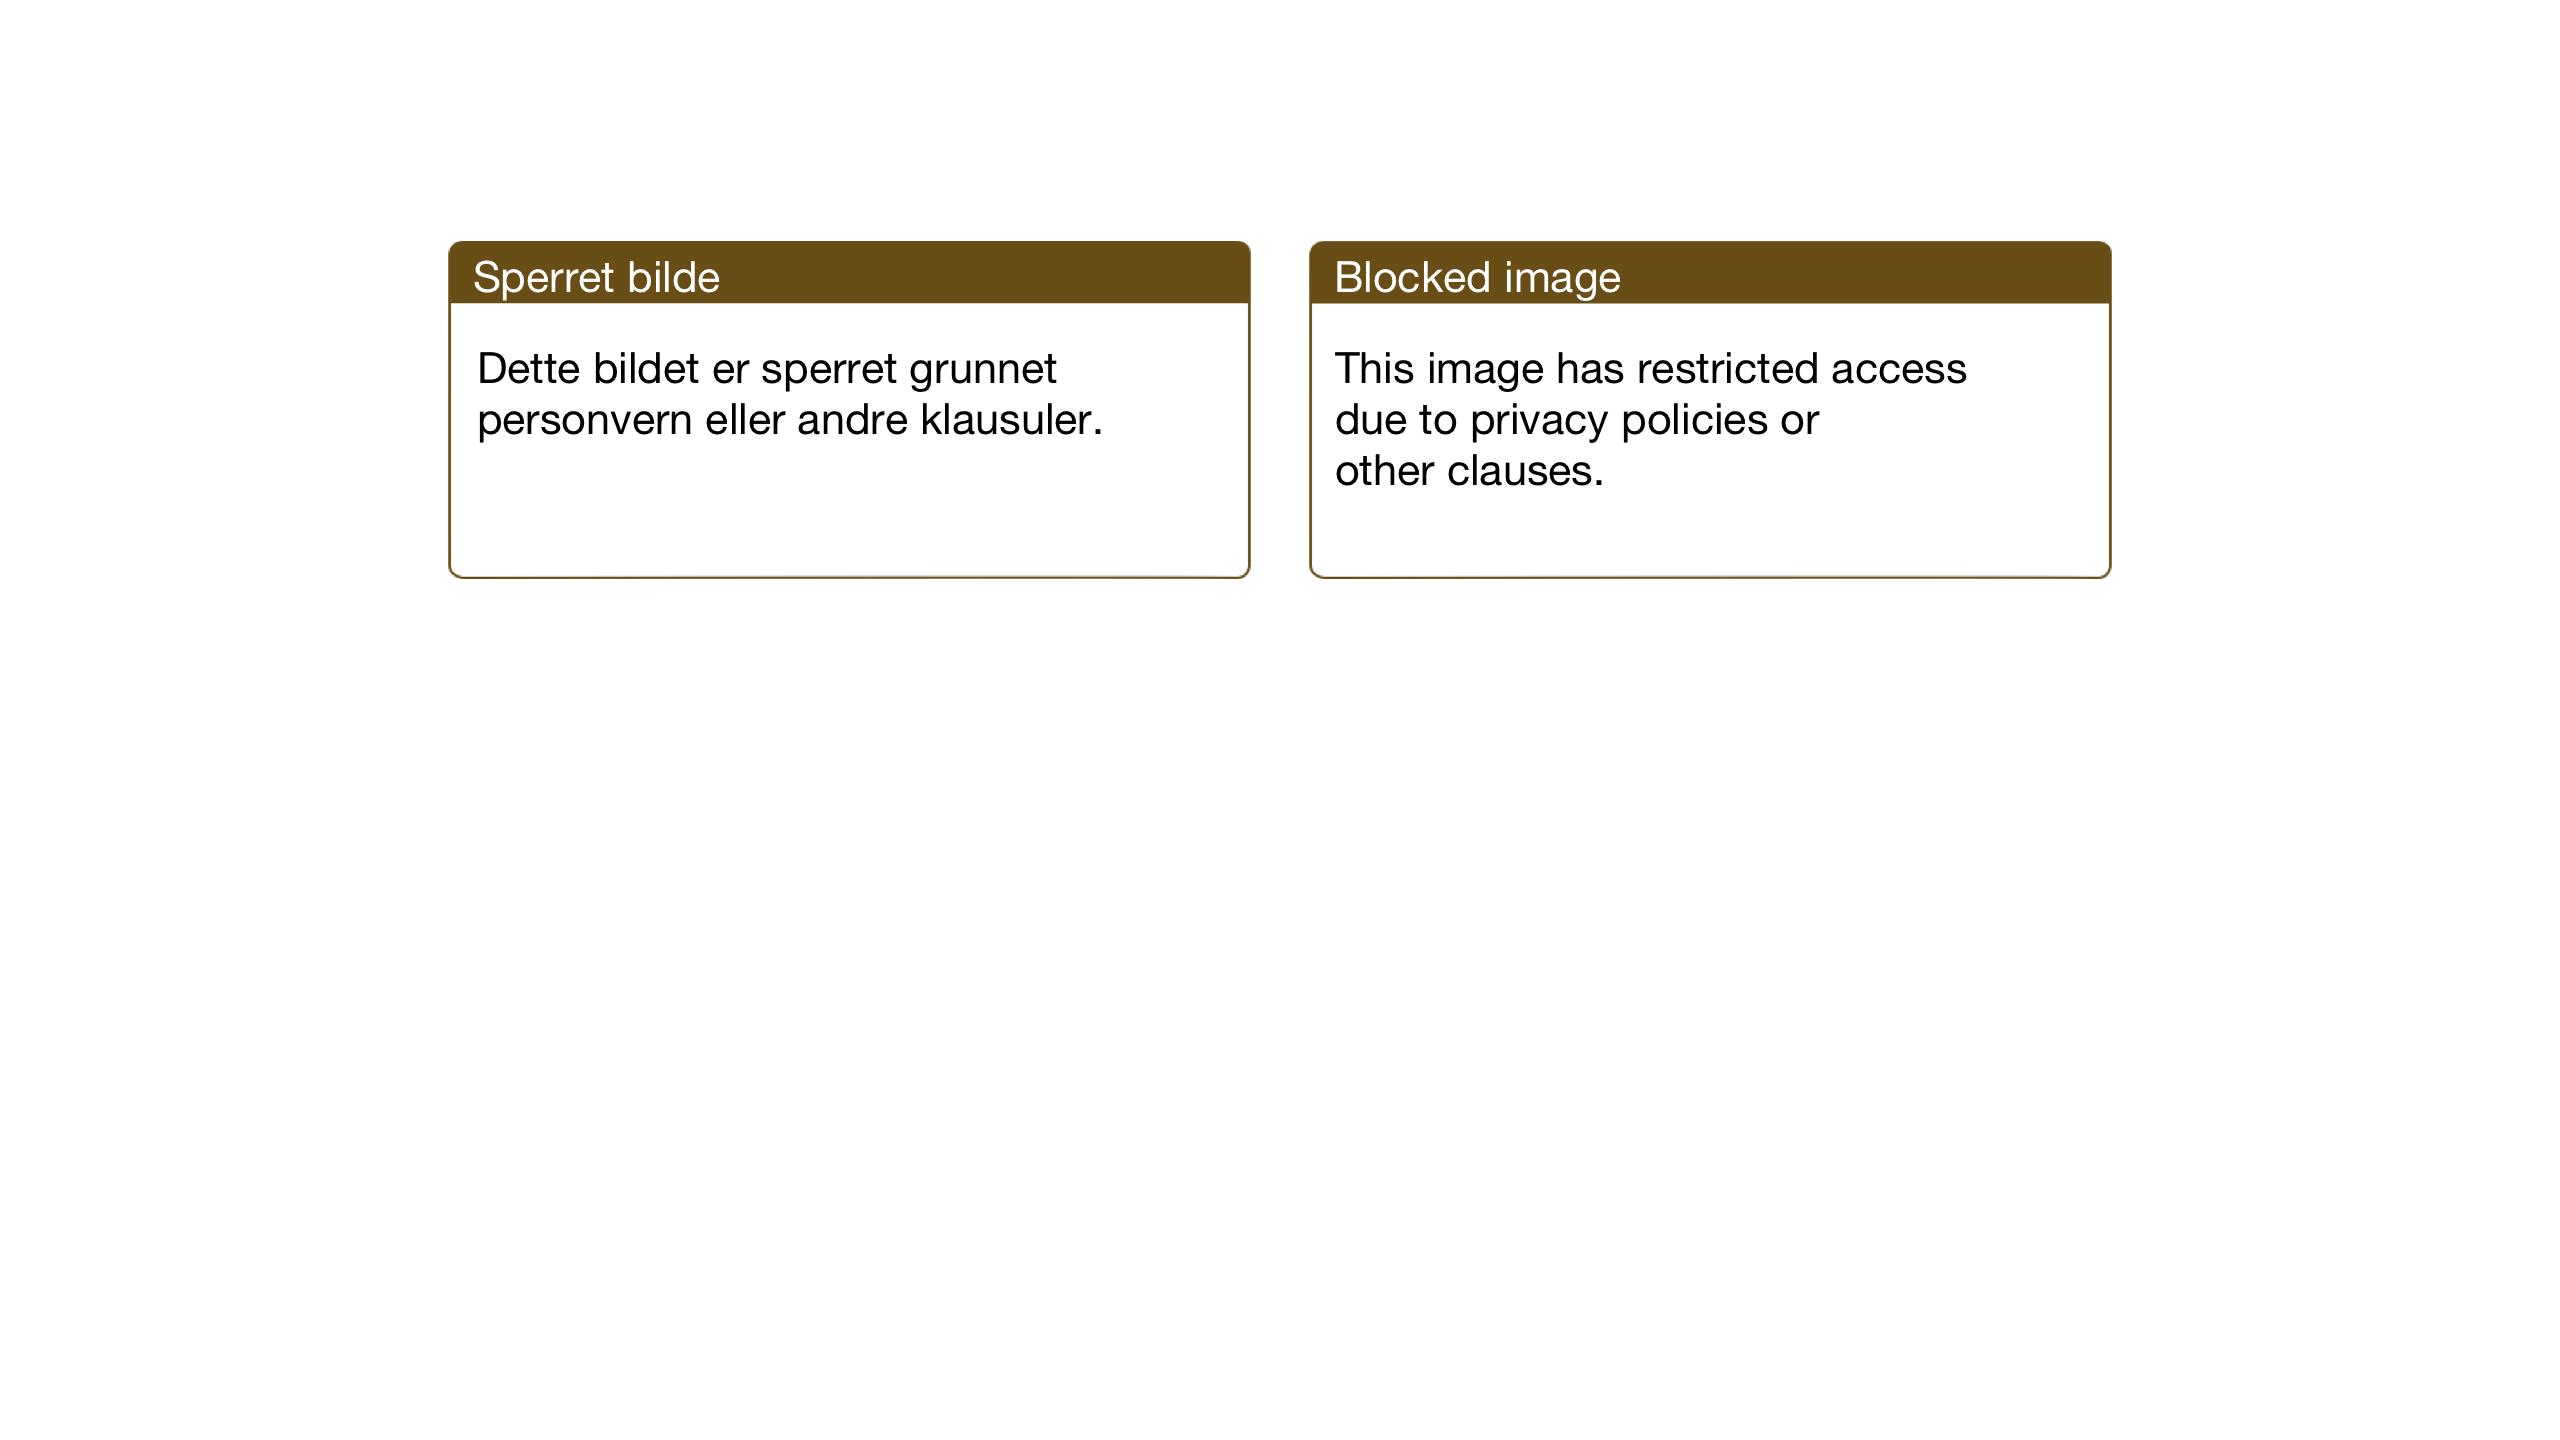 SAT, Ministerialprotokoller, klokkerbøker og fødselsregistre - Nord-Trøndelag, 722/L0227: Klokkerbok nr. 722C03, 1928-1958, s. 33